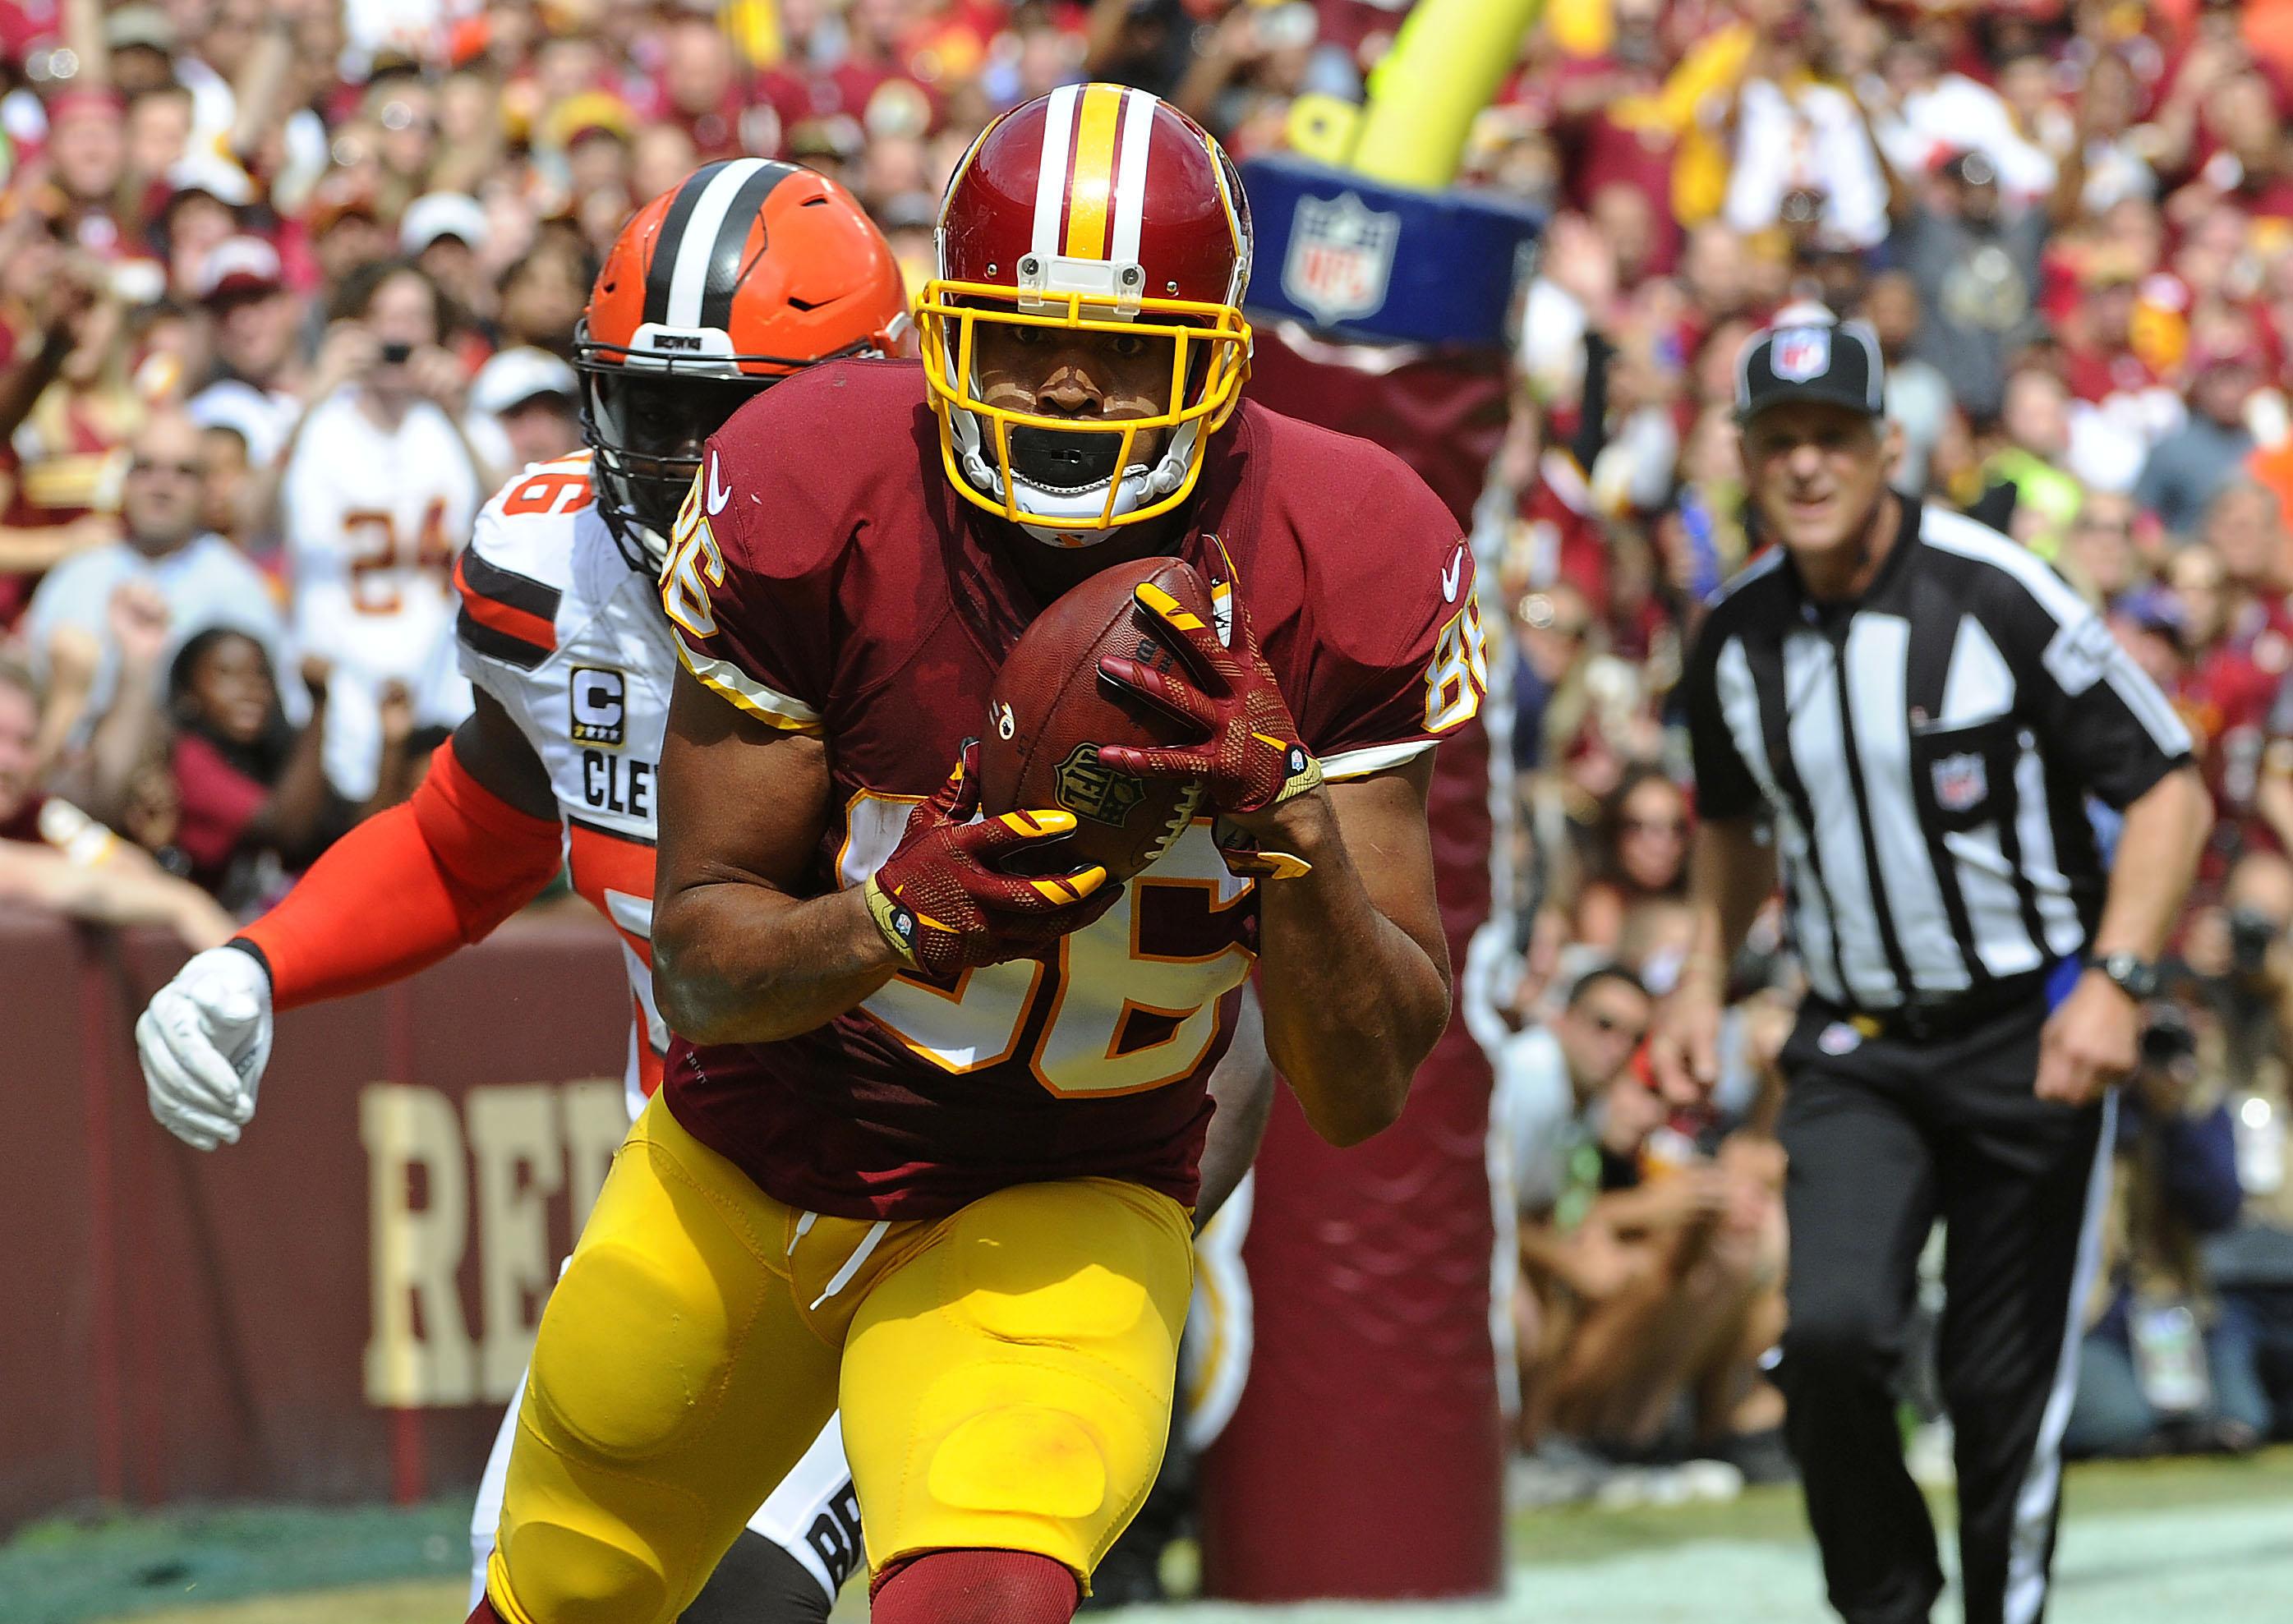 NFL: Cleveland Browns at Washington Redskins